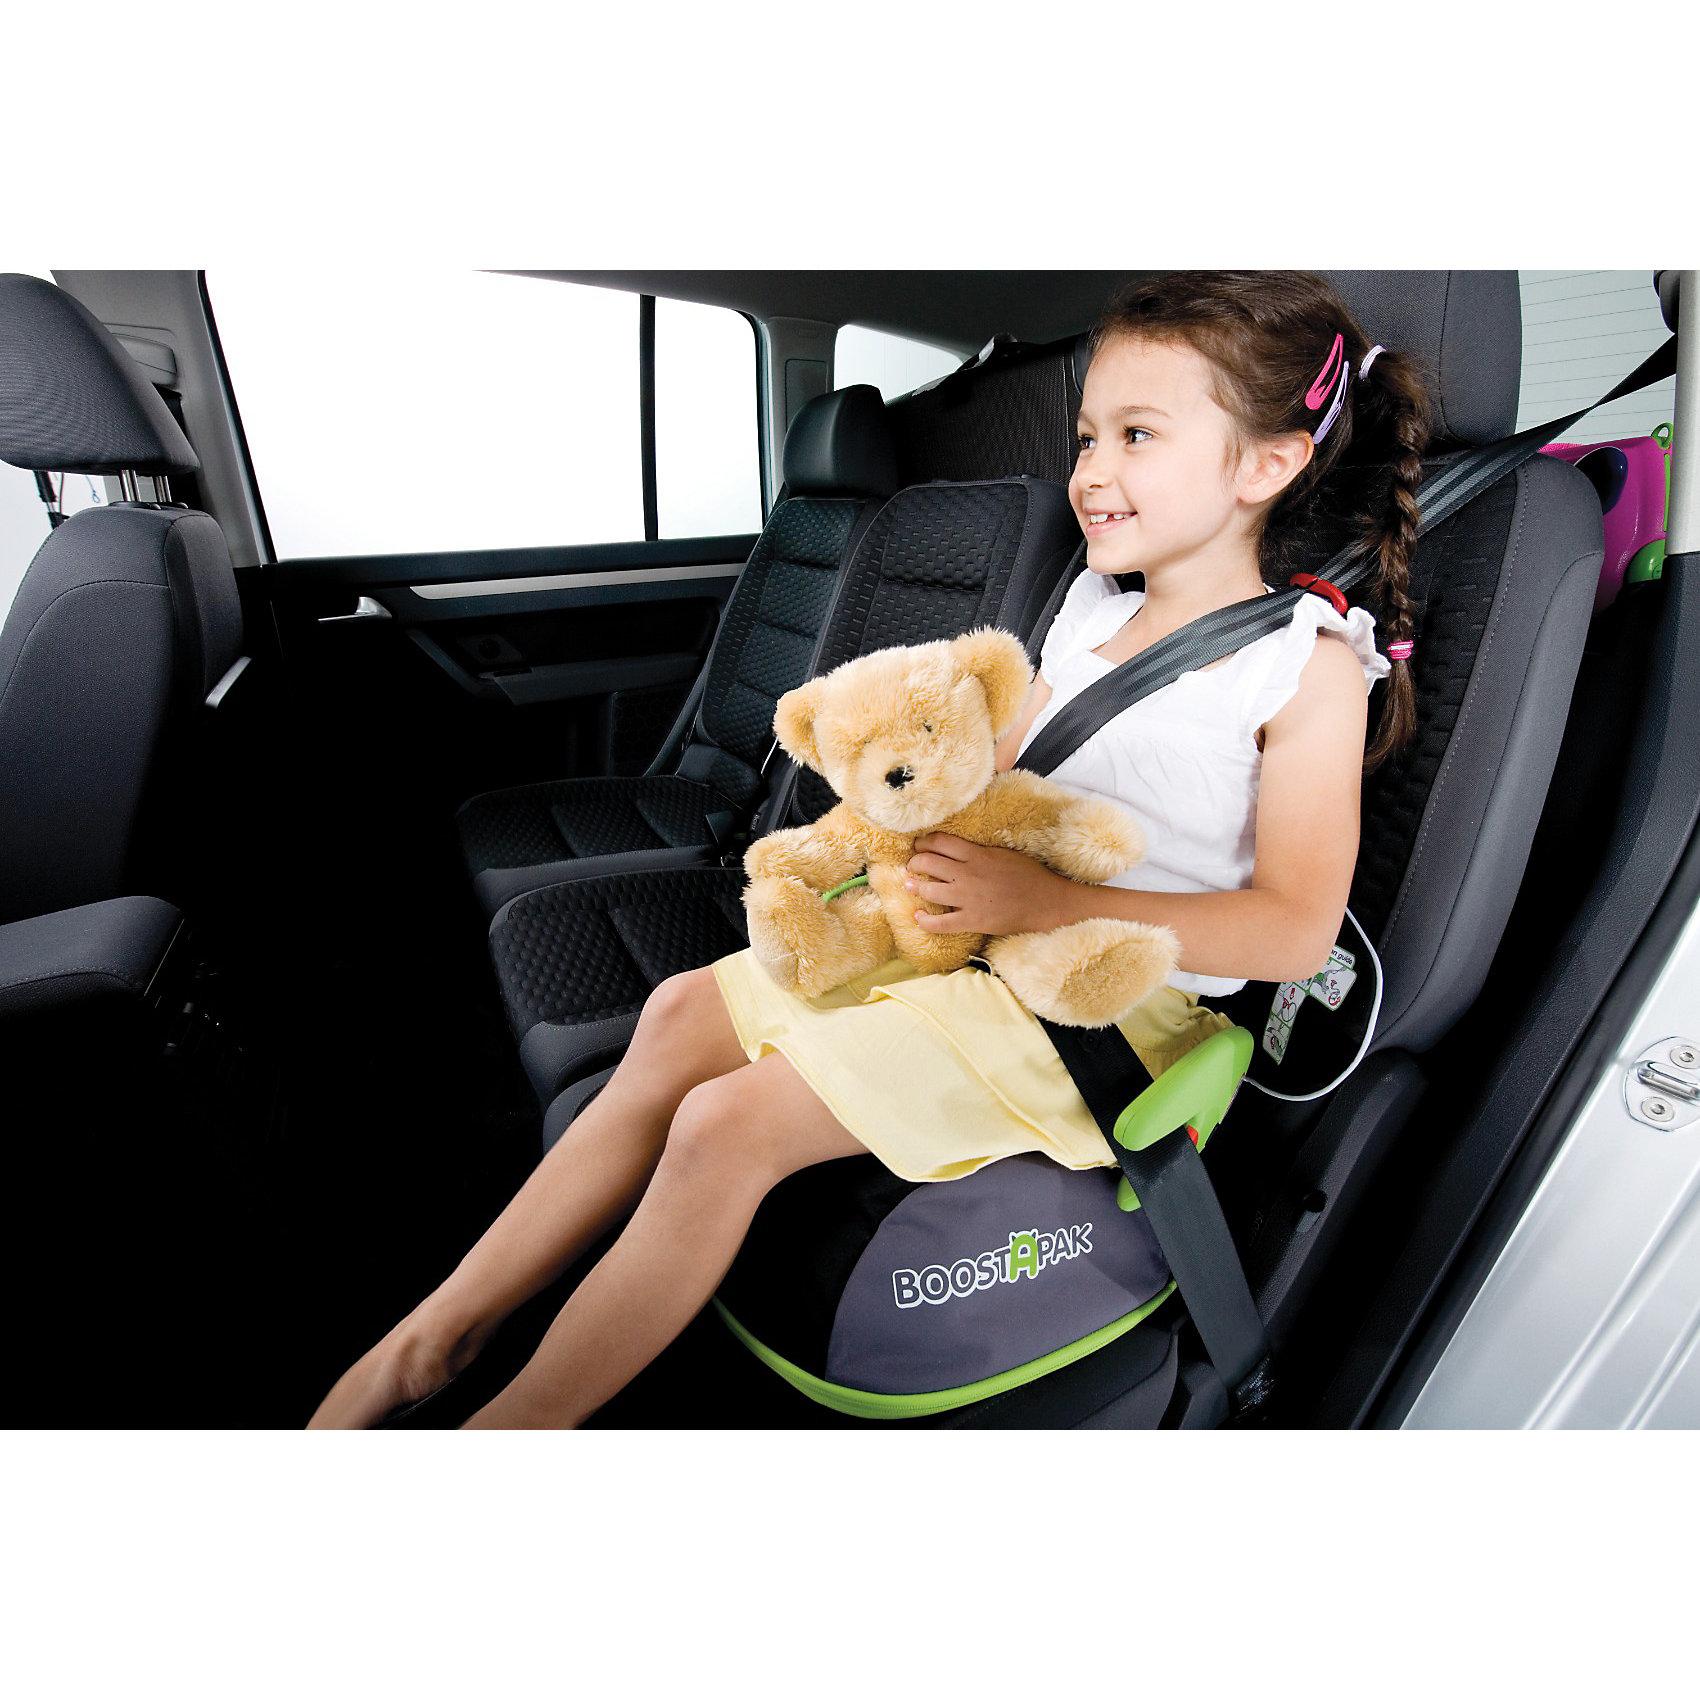 Перевозка детей в автомобиле. Правила перевозки детей 89